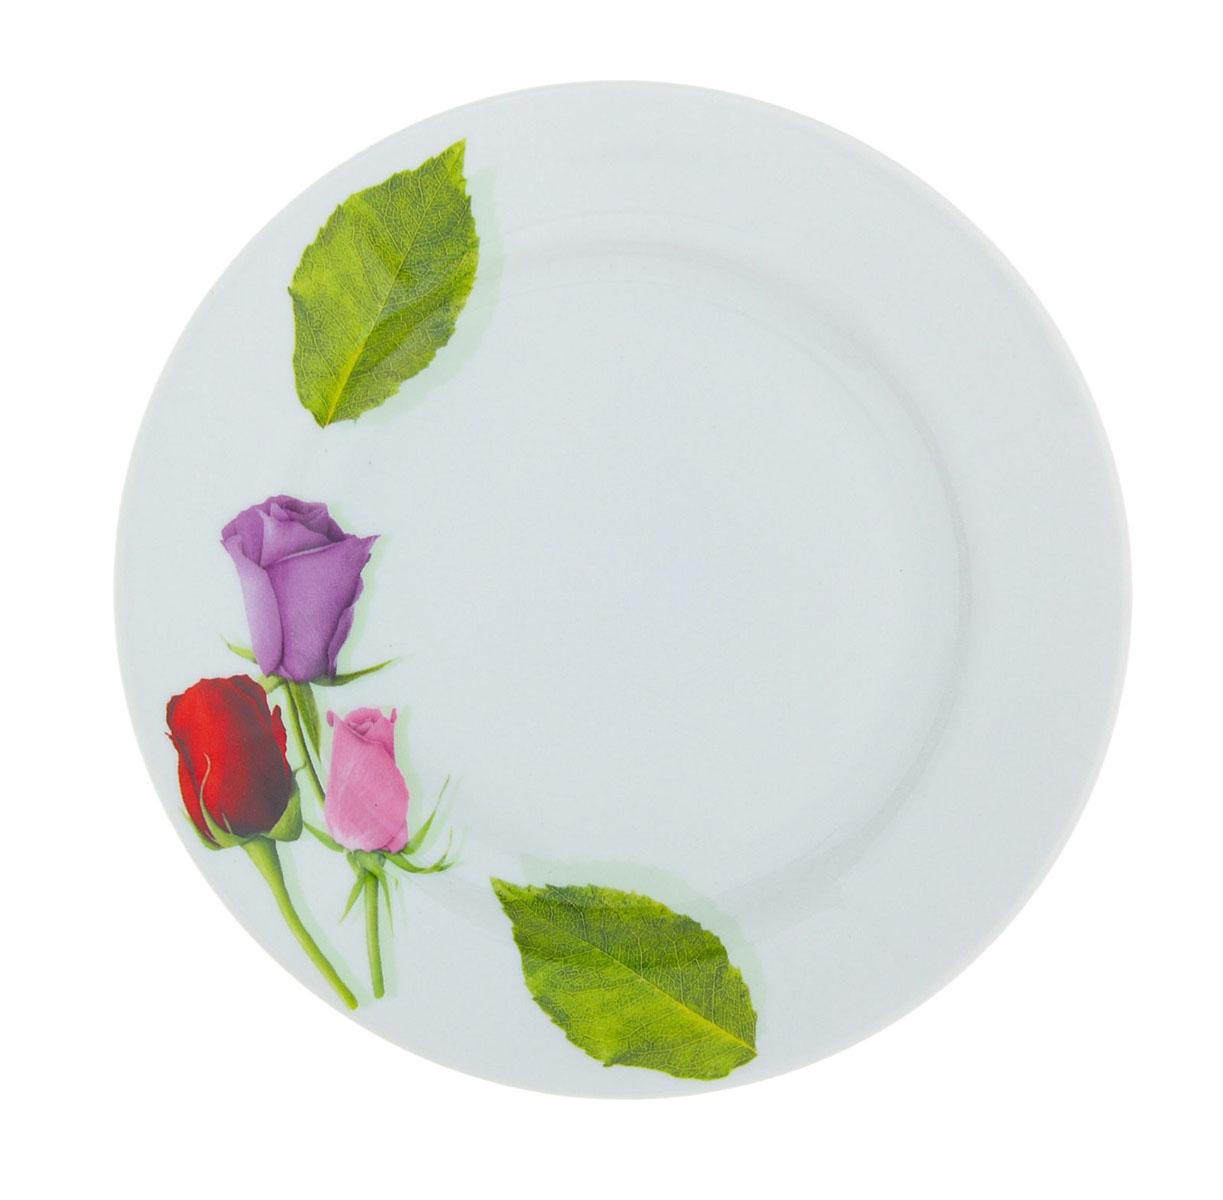 """Мелкая тарелка """"Идиллия. Королева цветов"""" выполнена из высококачественного фарфора и украшена ярким рисунком цветов. Она прекрасно впишется в интерьер вашей кухни и станет достойным дополнением к кухонному инвентарю. Тарелка """"Идиллия. Королева цветов"""" подчеркнет прекрасный вкус хозяйки и станет отличным подарком. Диаметр тарелки: 20 см."""